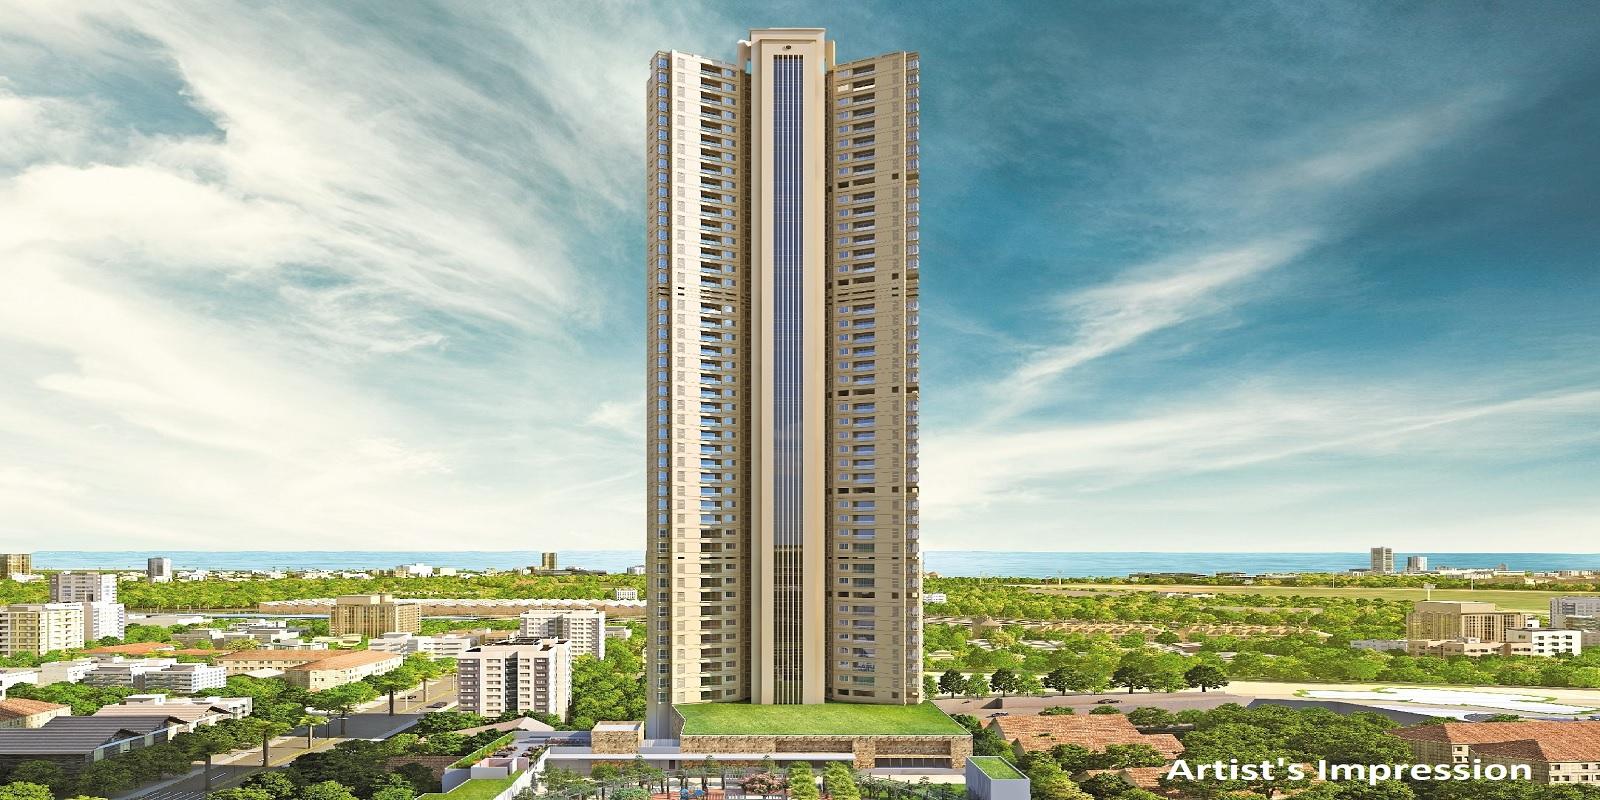 k raheja corp vivarea mumbai project tower view1